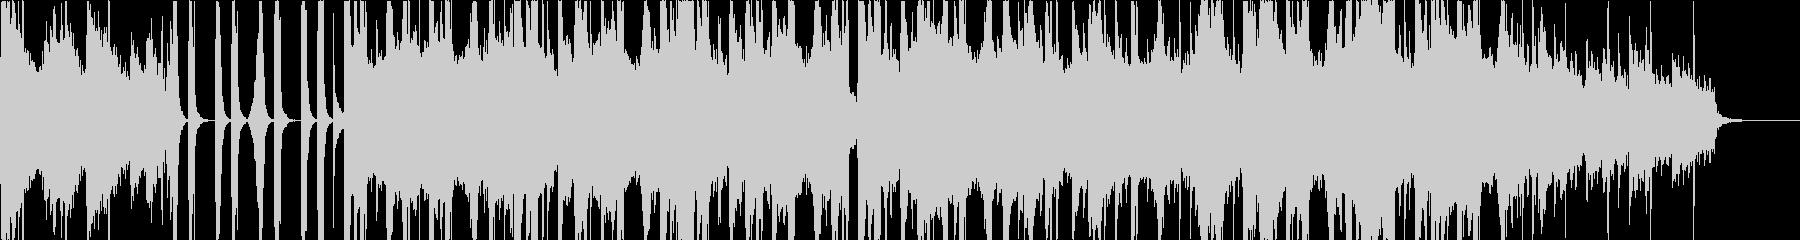 オシャレなイマドキ洋楽ミドルテンポPopの未再生の波形